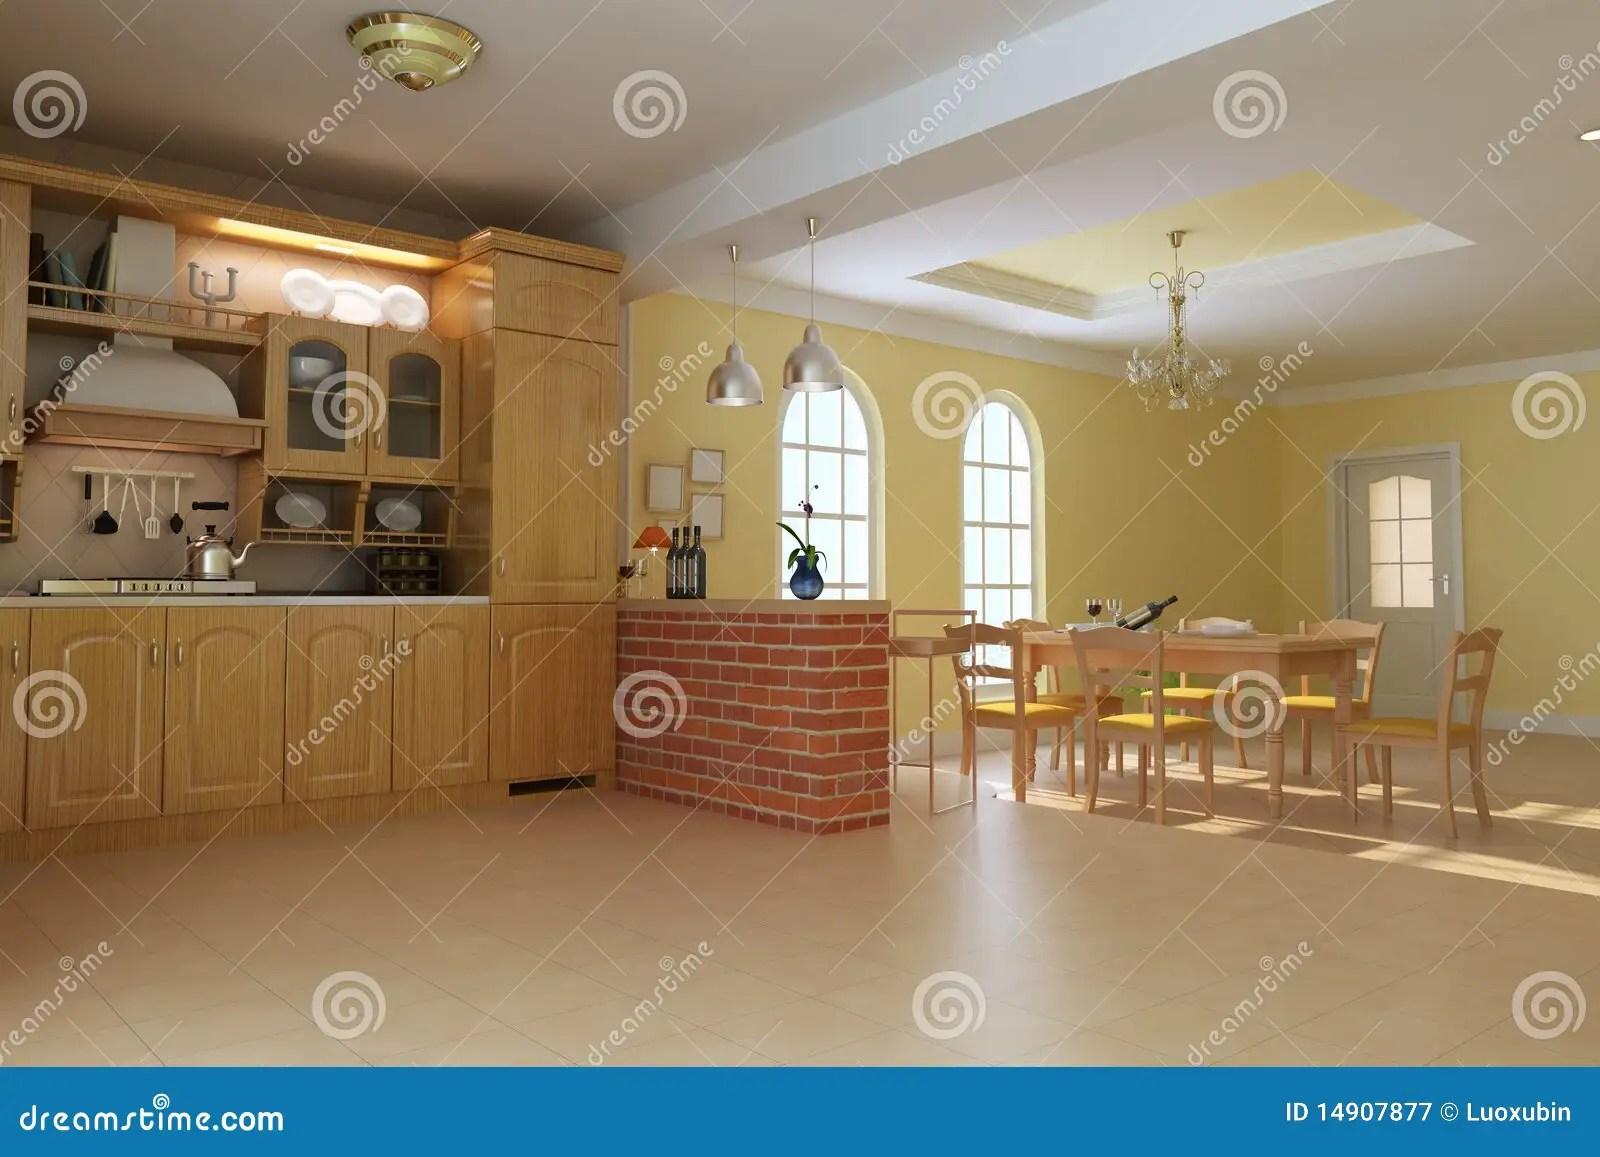 Cucina E Sala Da Pranzo Di Lusso Classiche Illustrazione di Stock  Illustrazione di giorno